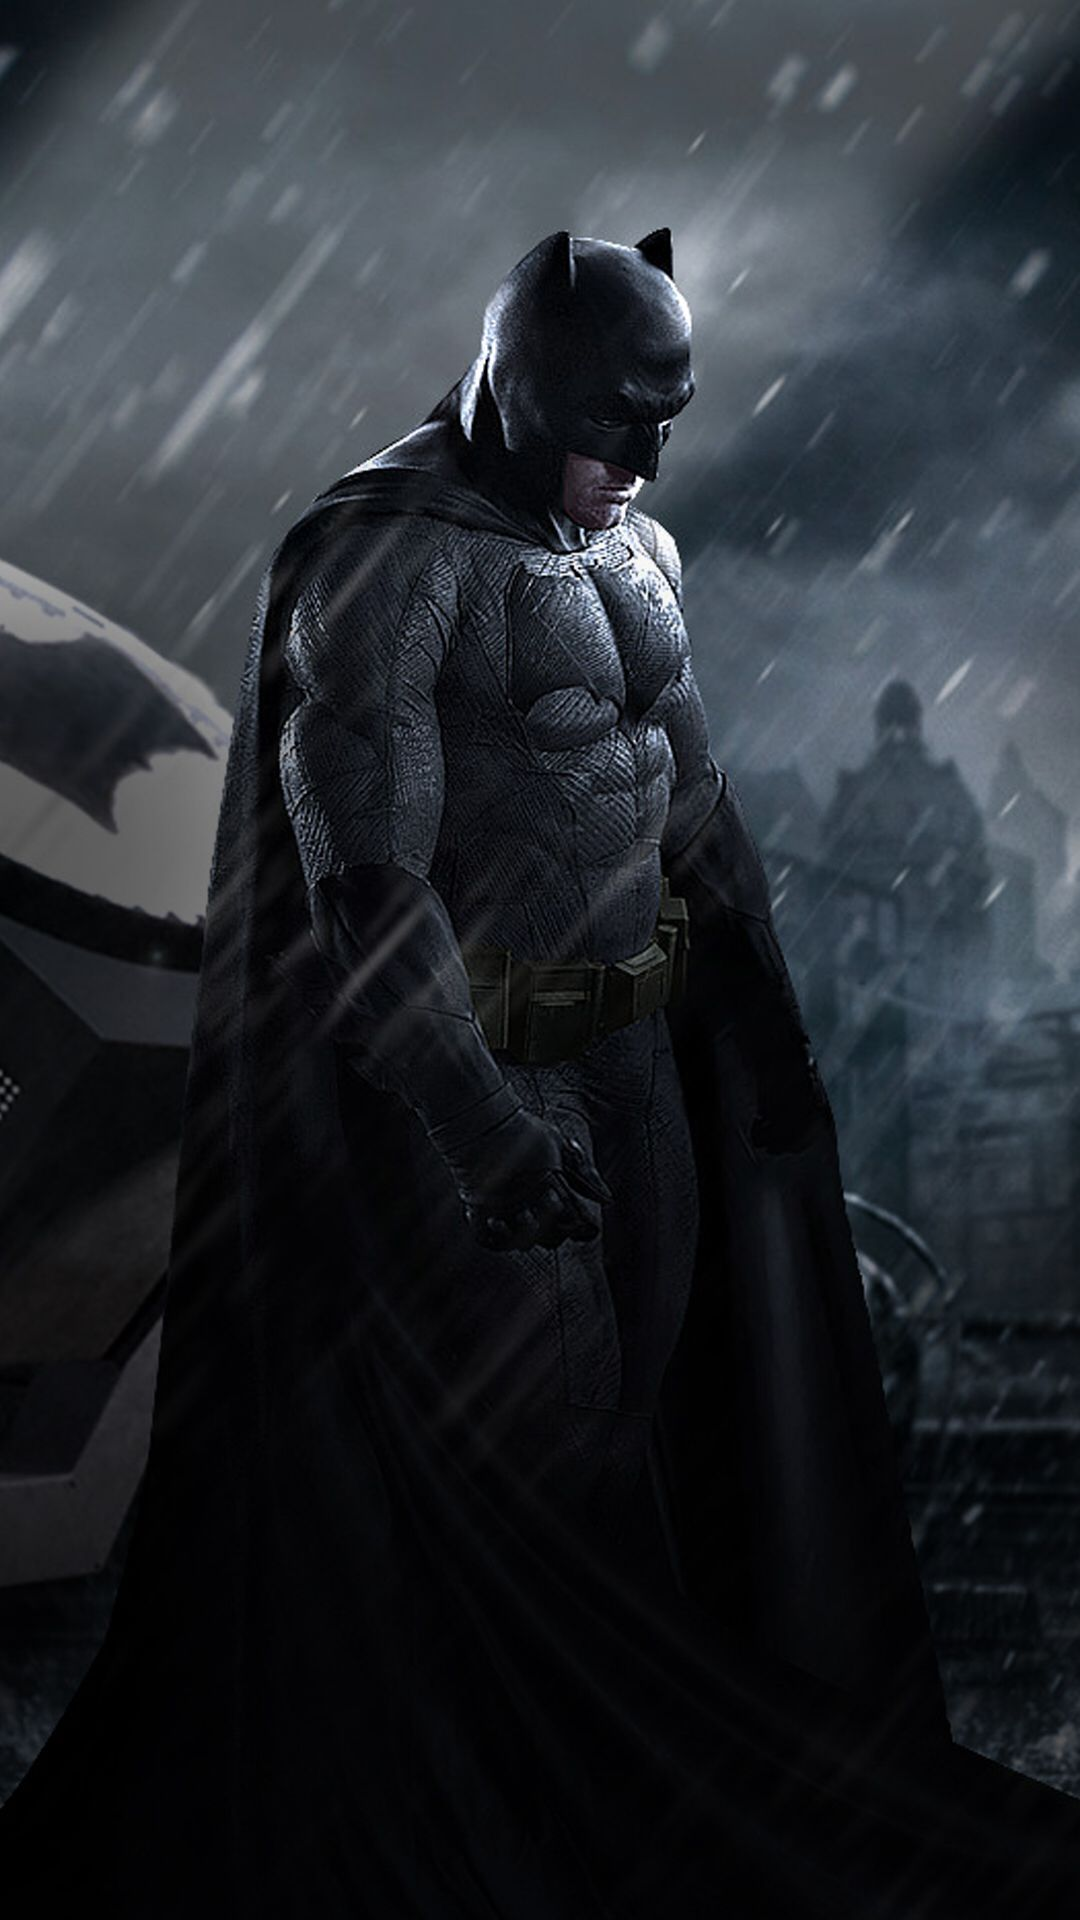 Pin by michael langoski on batman batman poster batman - Ben affleck batman wallpaper ...